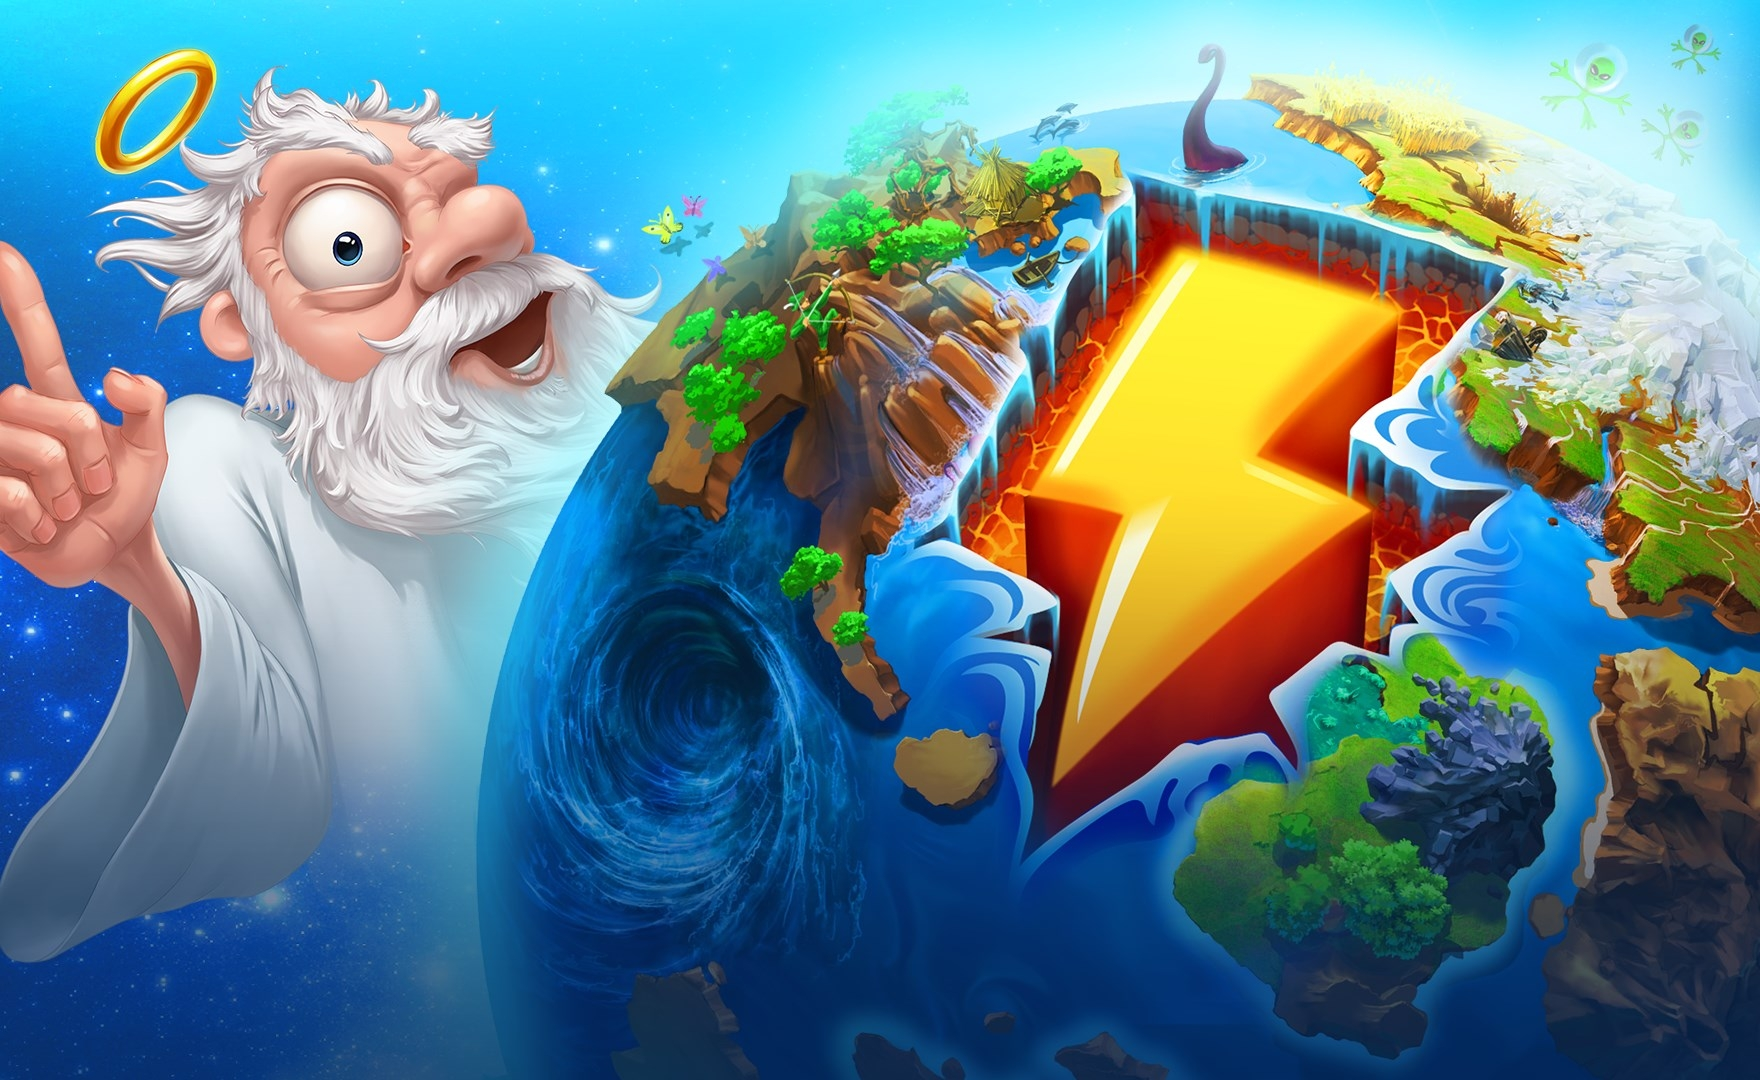 Giochi gratis PC: in regalo un simpatico god game